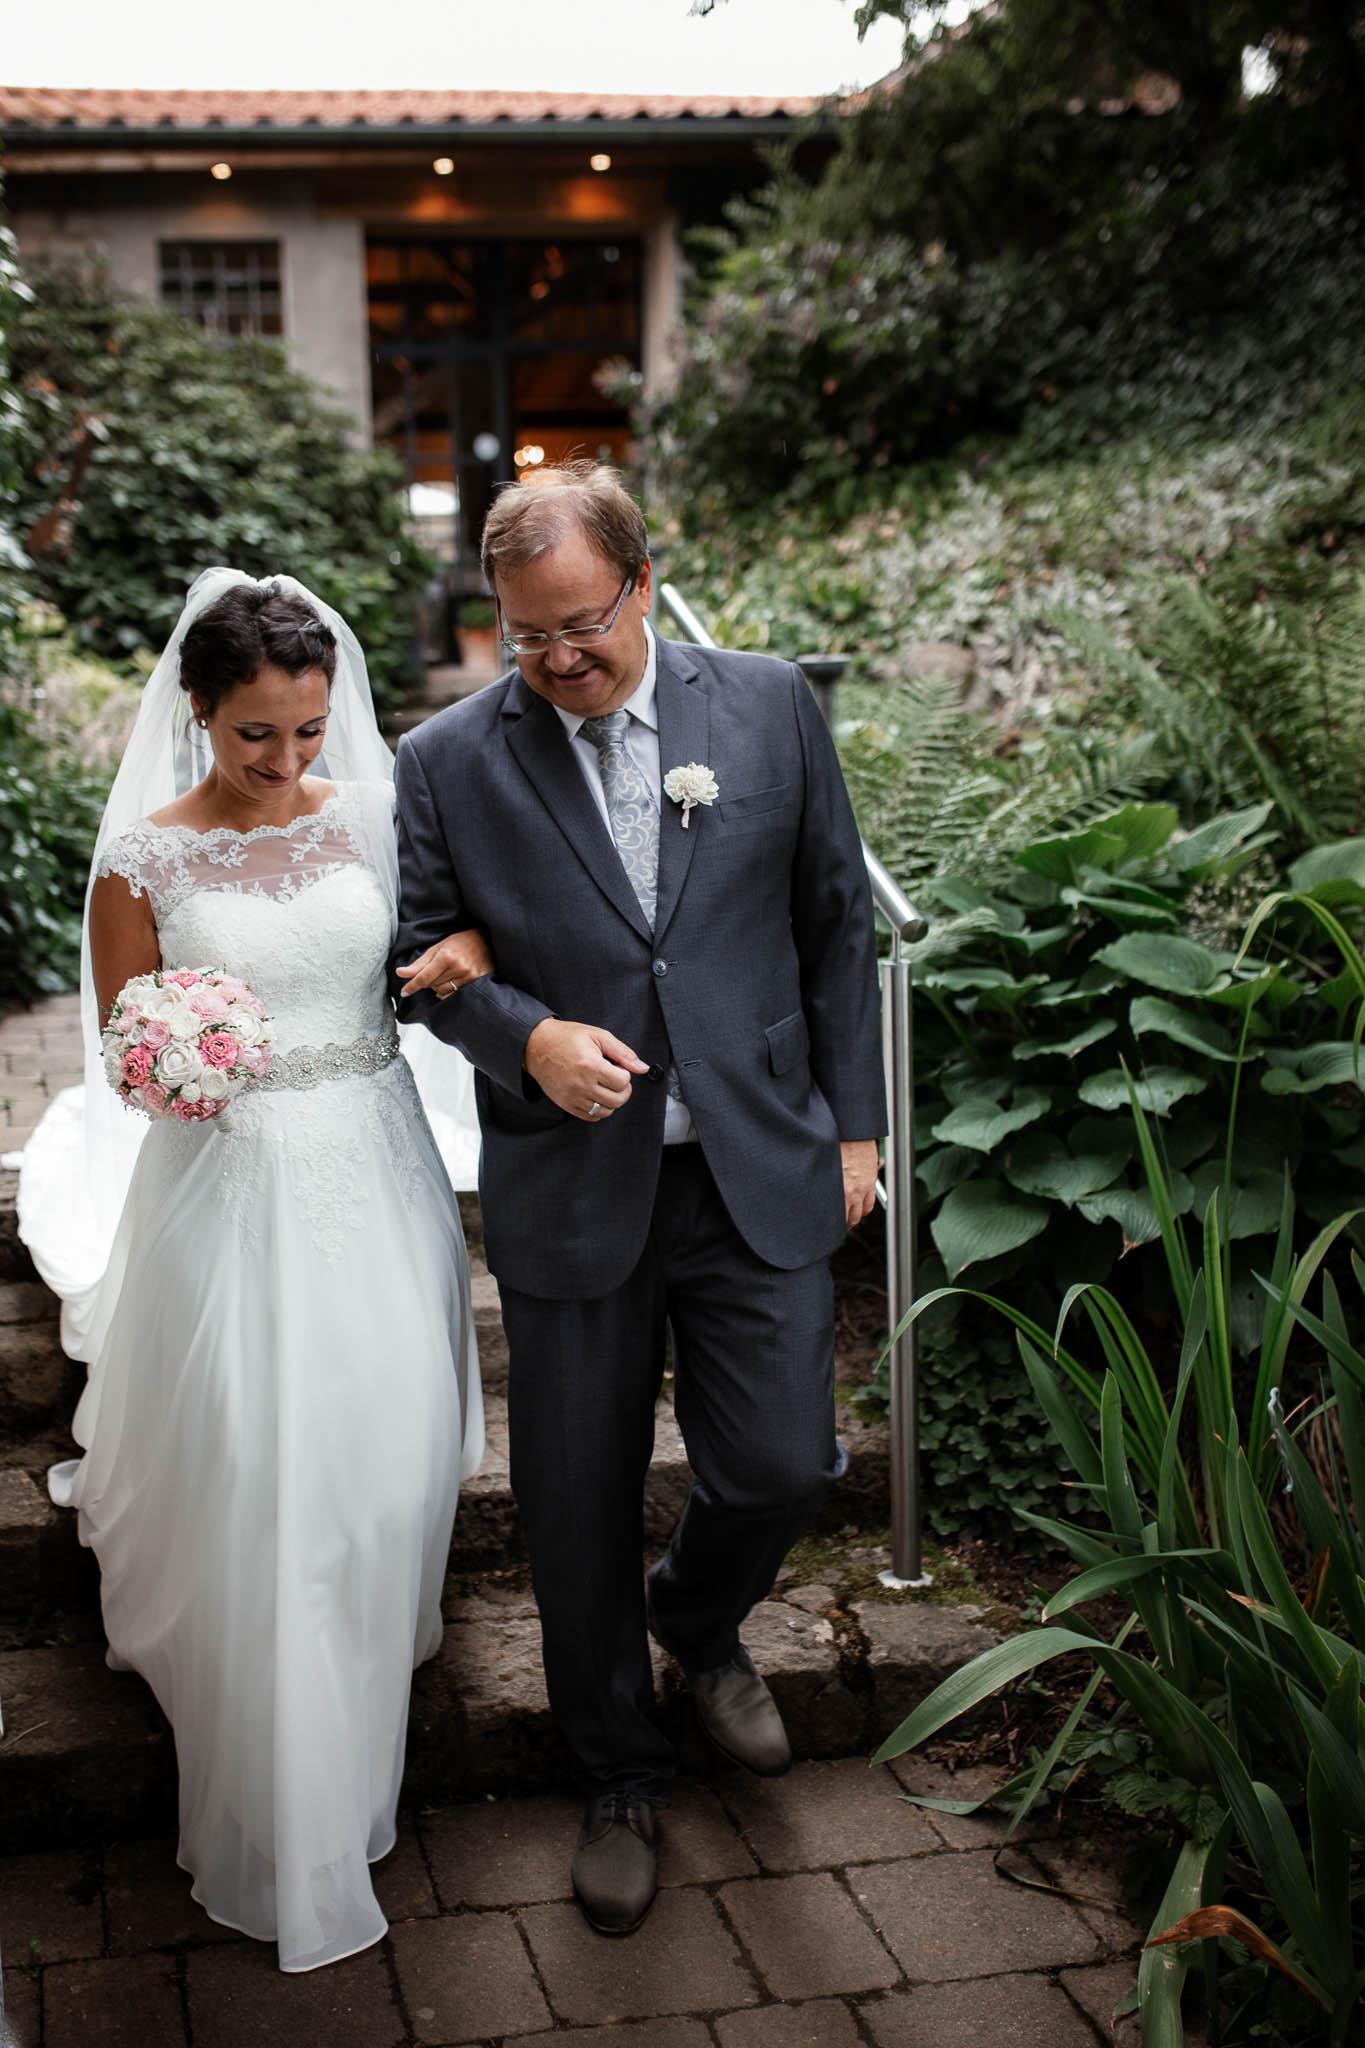 Hochzeitsfotograf Monzernheim: freie Trauung von Sarah & Patrick 21